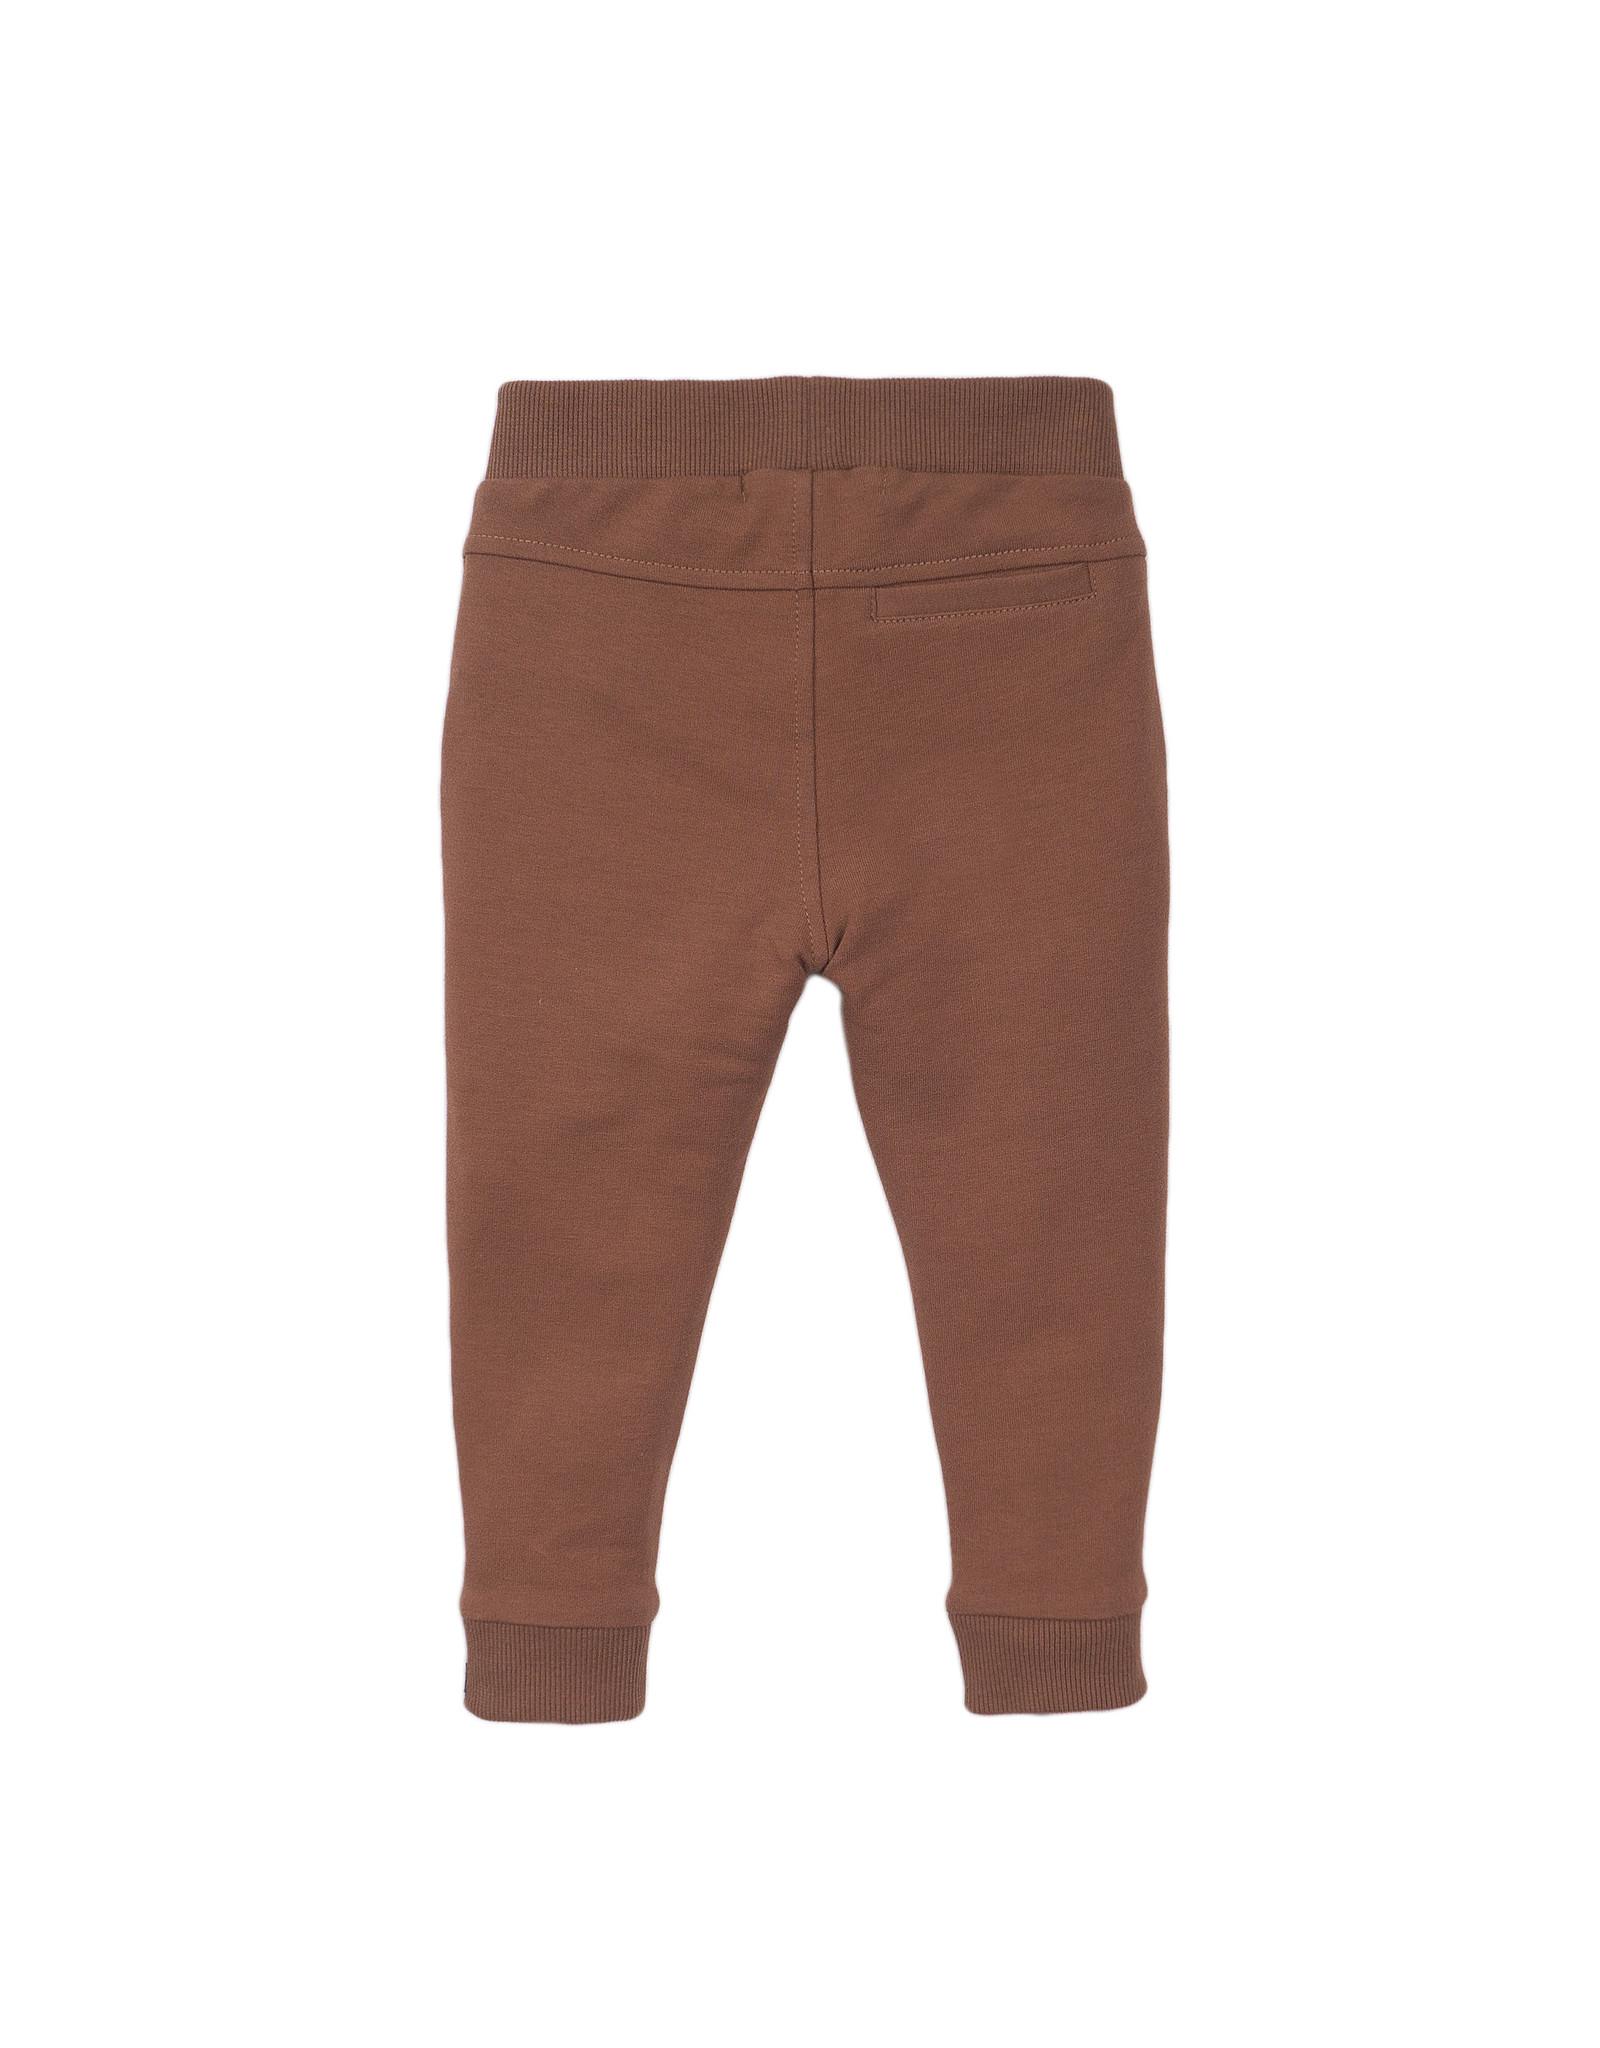 Koko Noko Jogging trousers, Camel, SS21